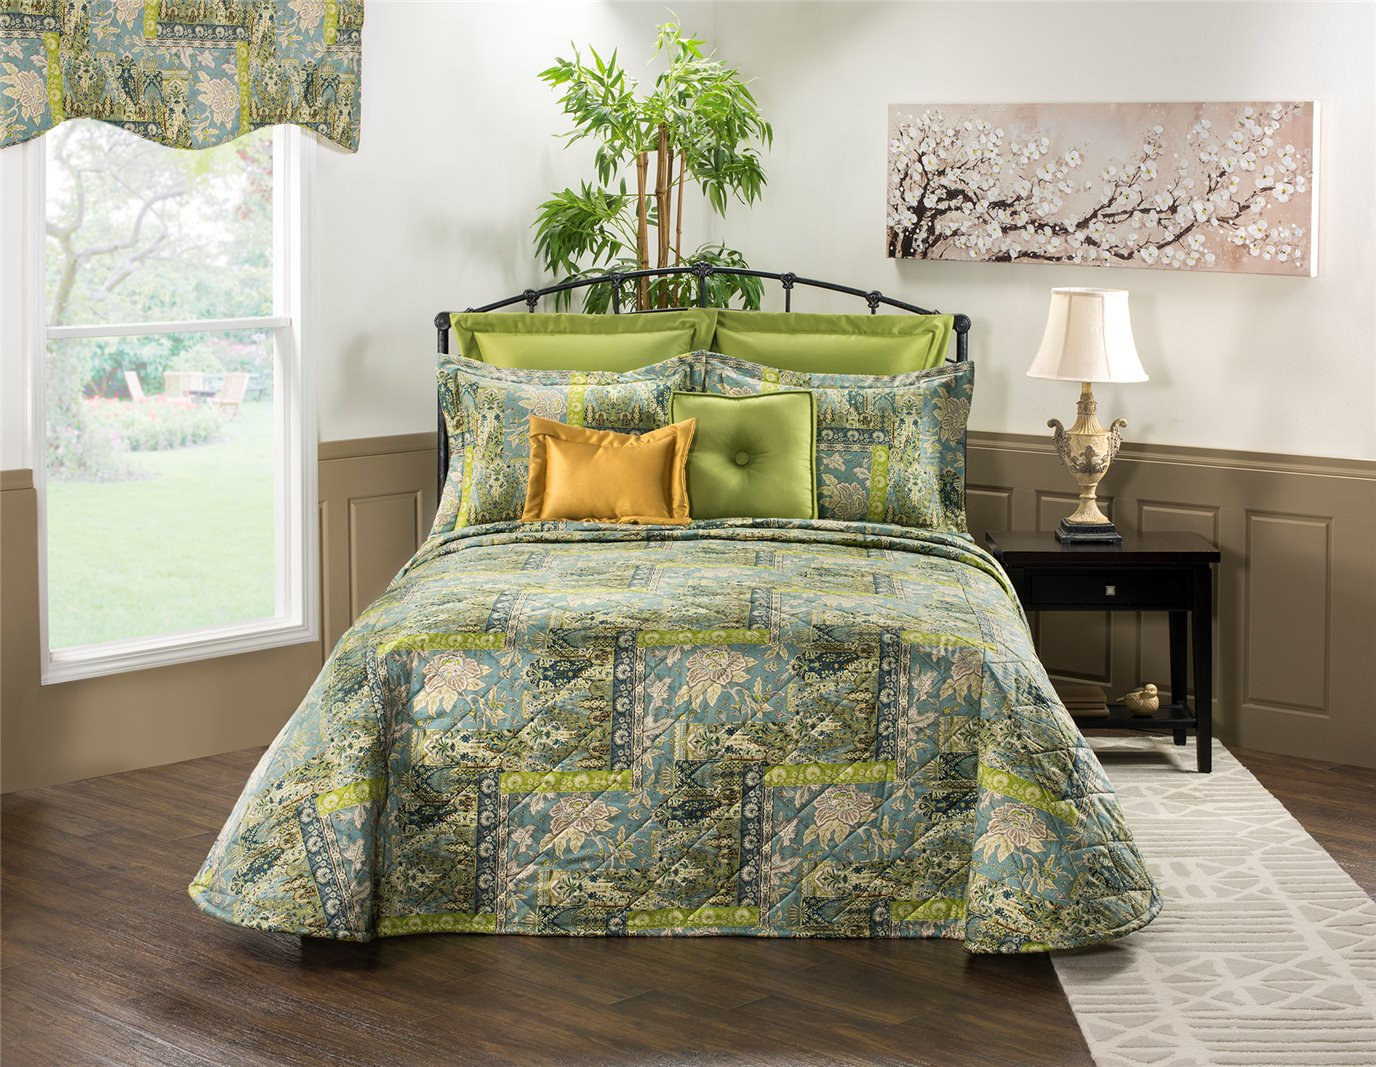 Tangier Queen Bedspread